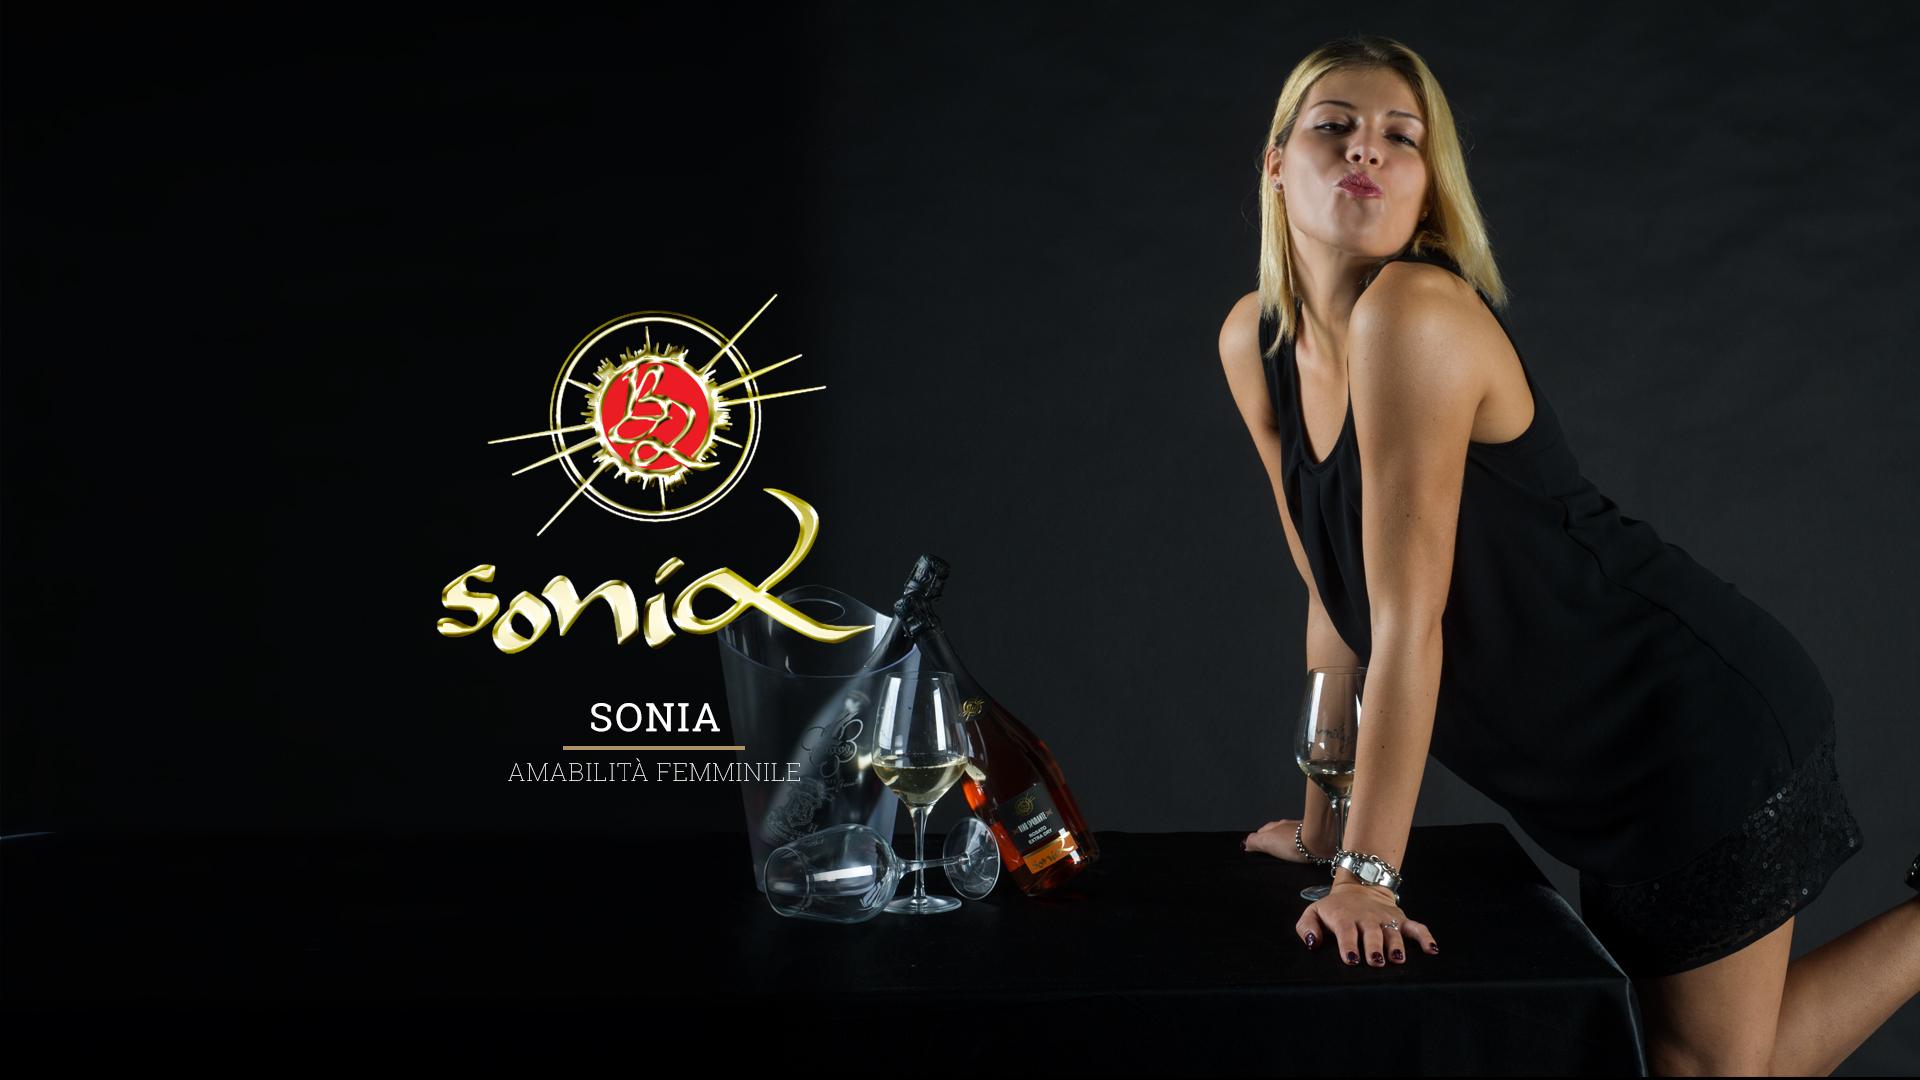 SONIA it